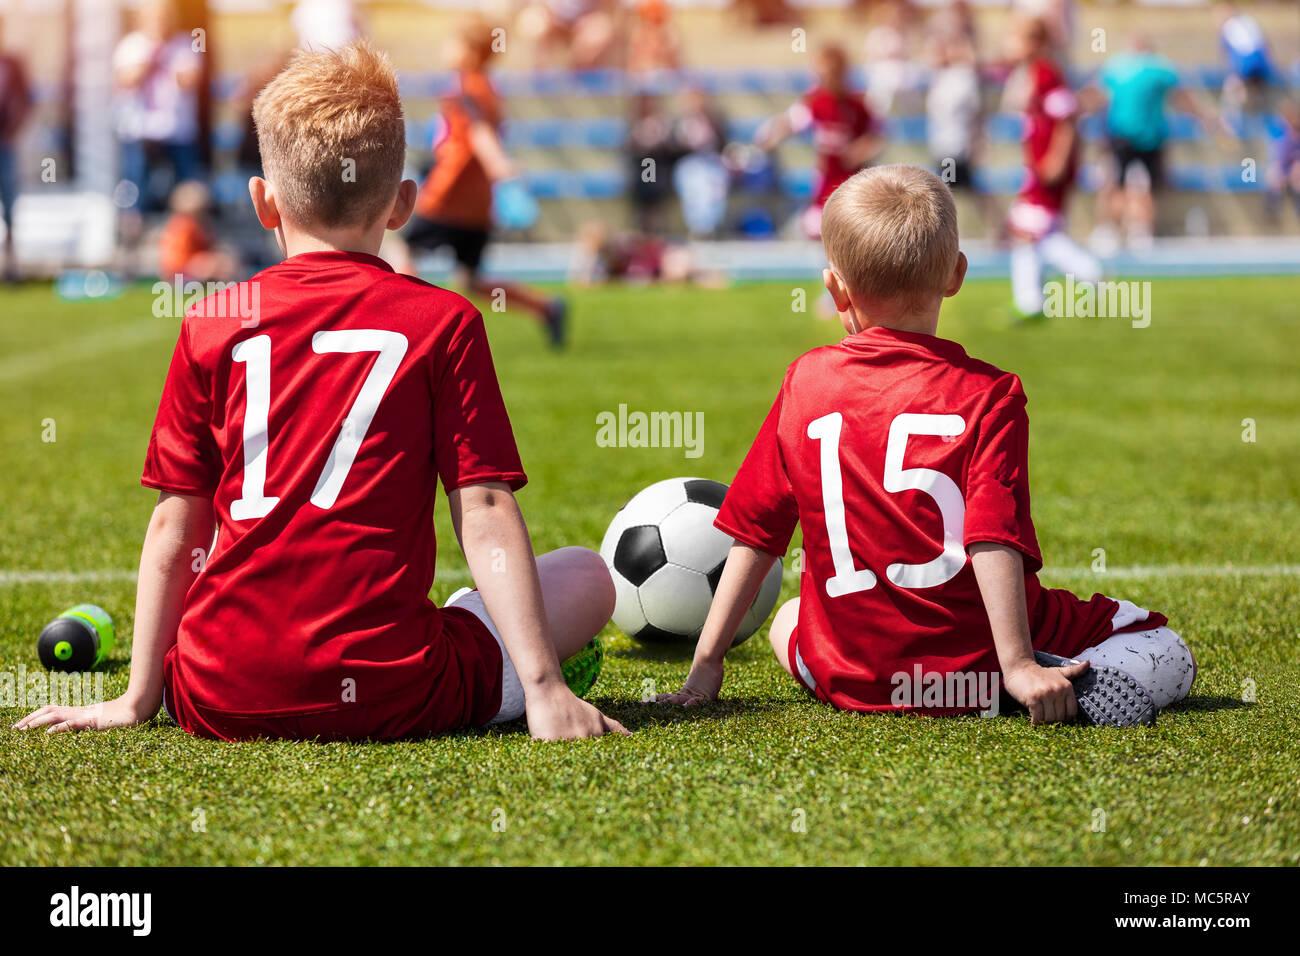 Immagini Di Calcio Per Bambini : Coaching kids soccer i ragazzi seduti su di un campo da calcio e